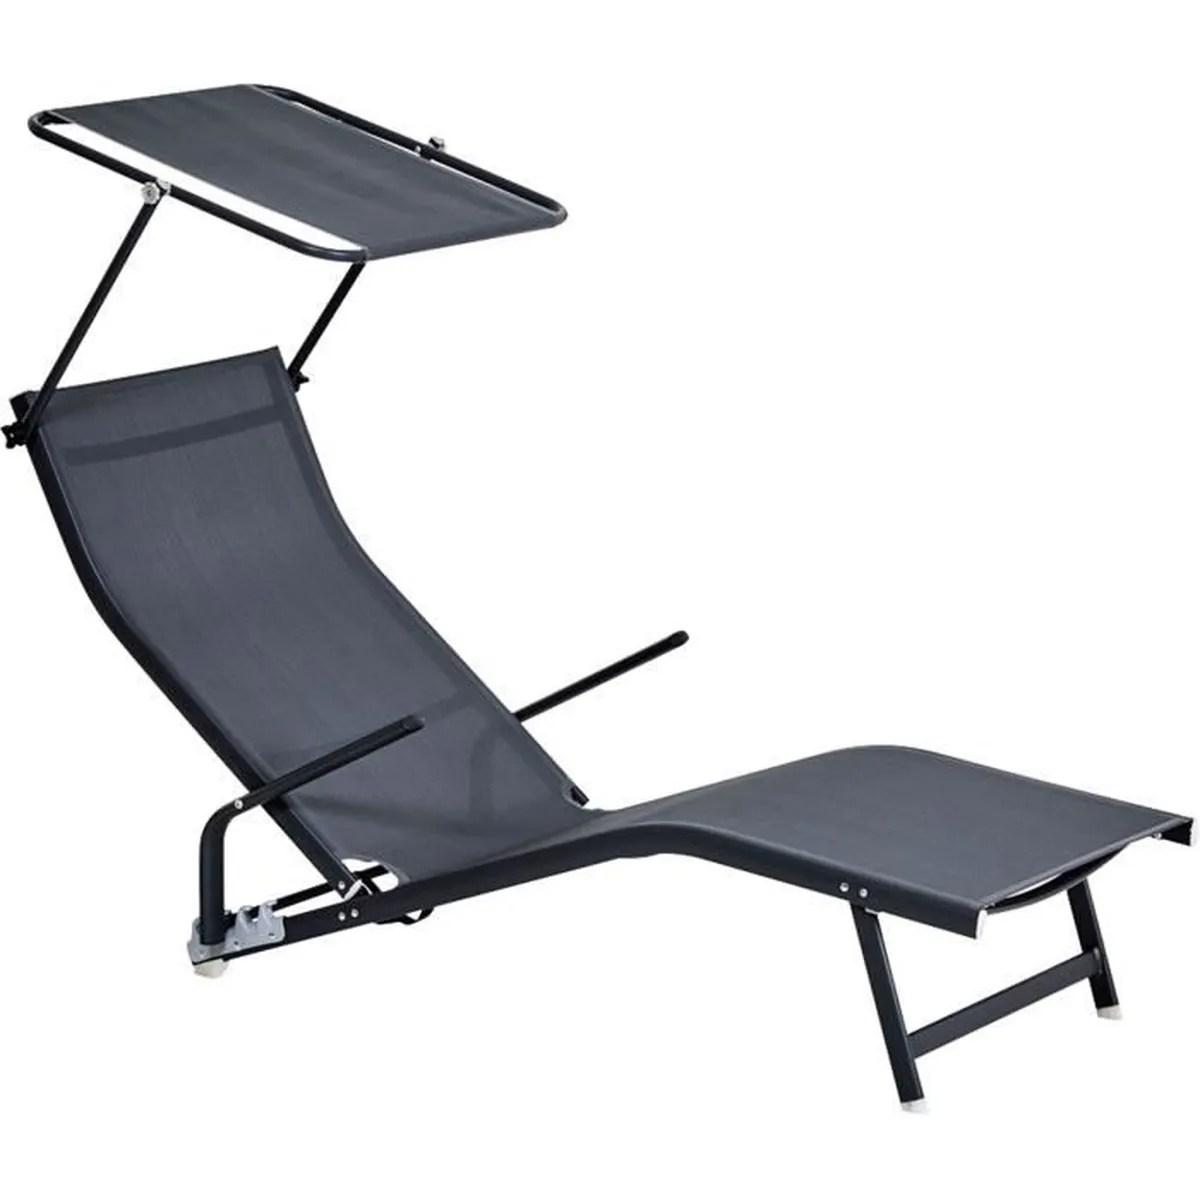 transat avec parasol transat ext rieur en textilene noir. Black Bedroom Furniture Sets. Home Design Ideas